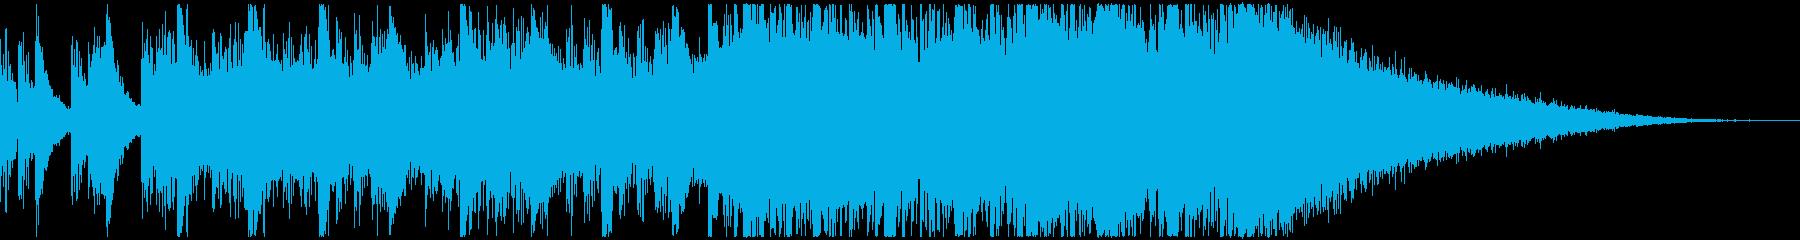 クラップとEDMのワイルドなオープニングの再生済みの波形